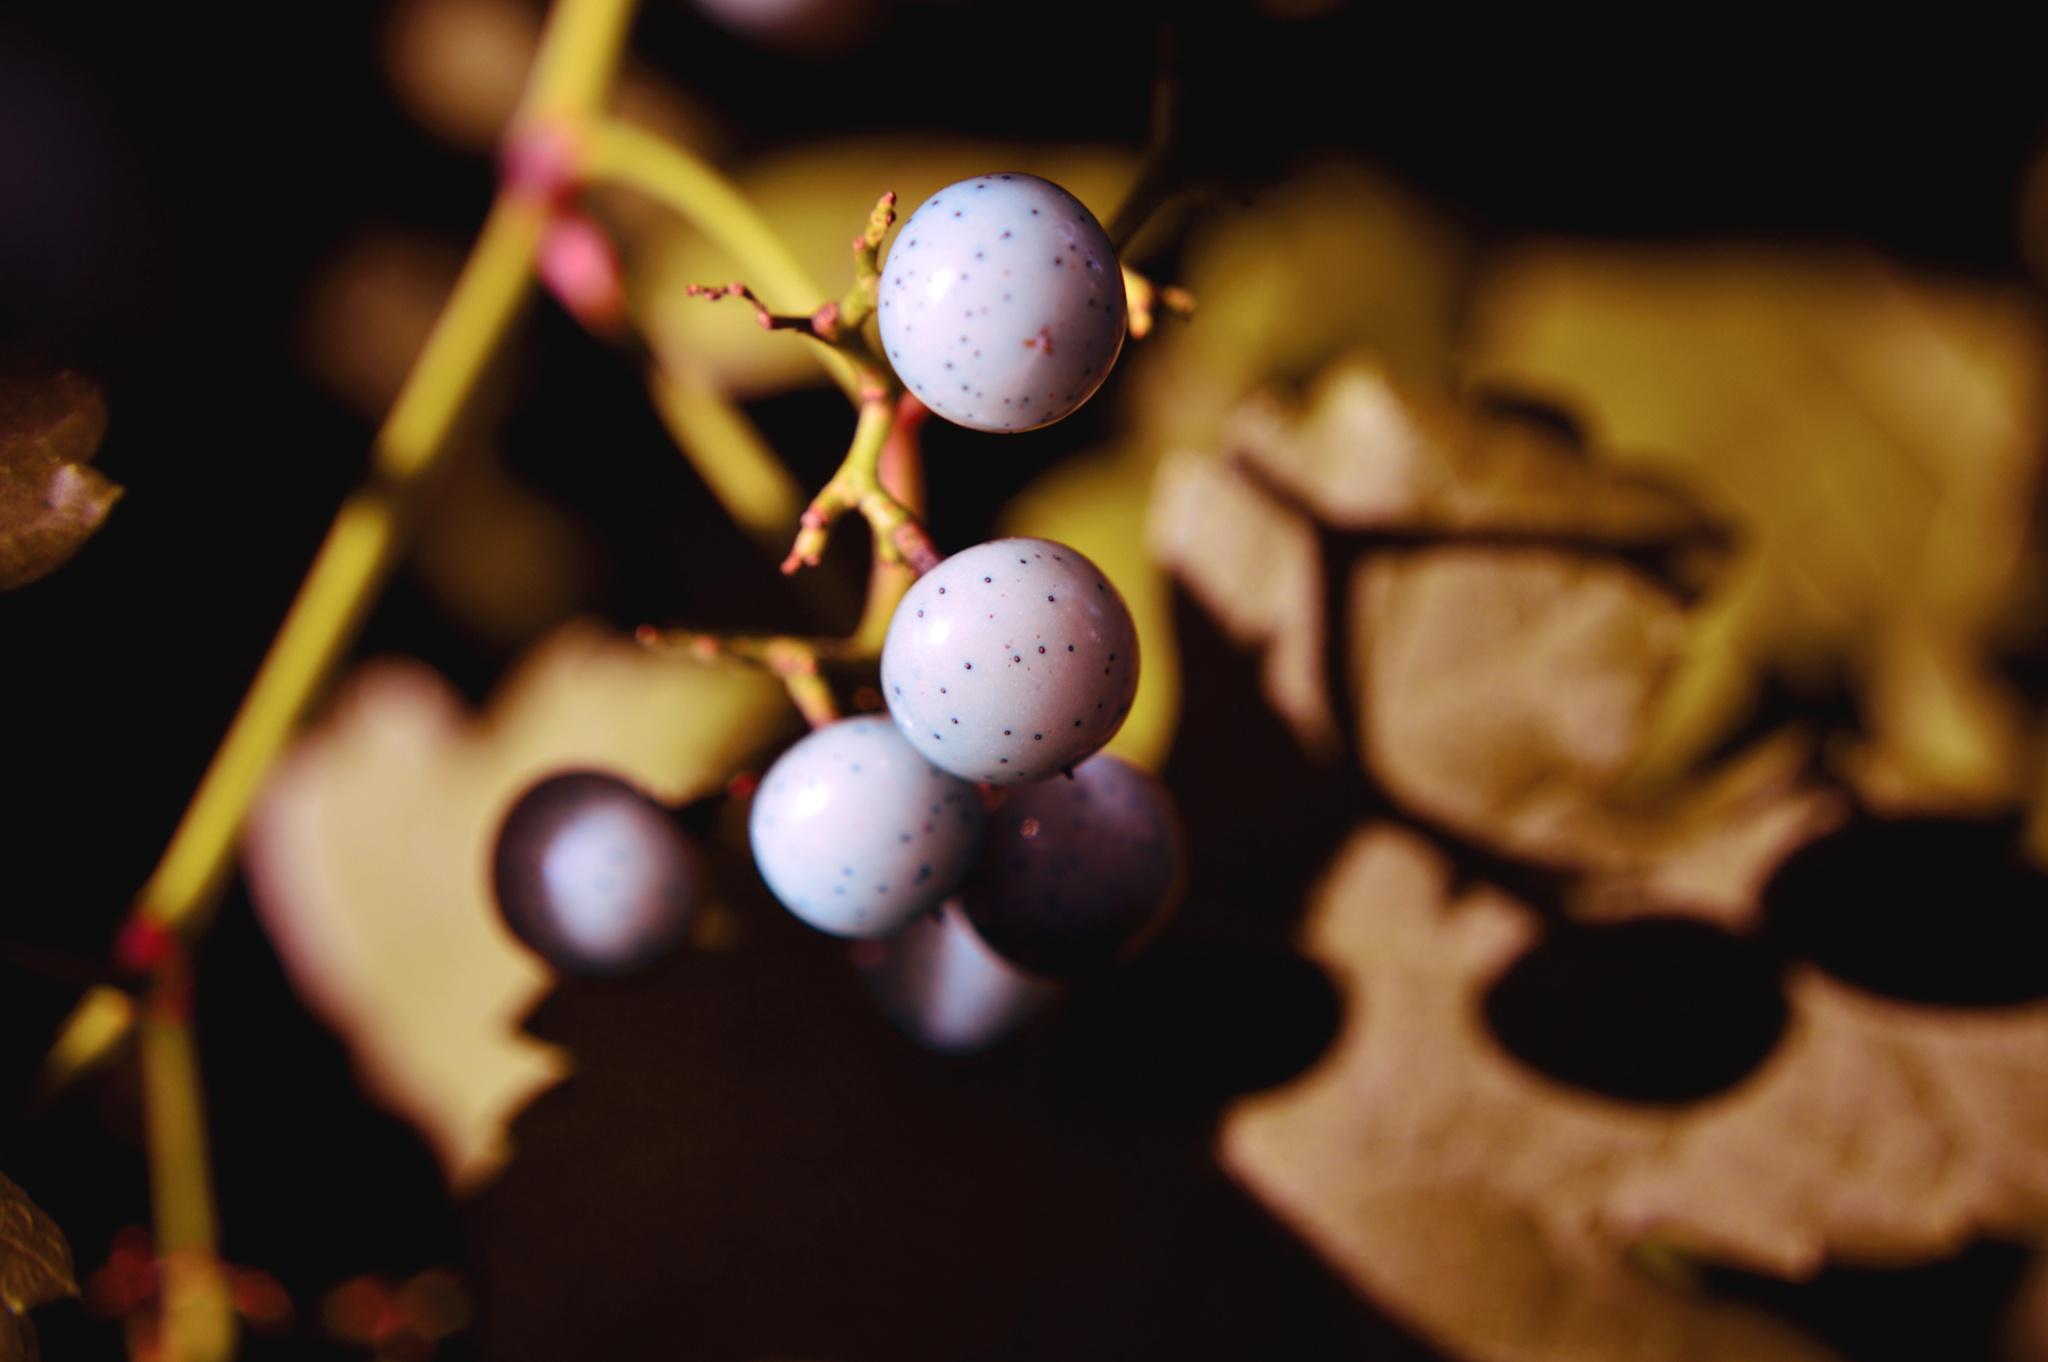 Ah..berries and shadow by Yoko D